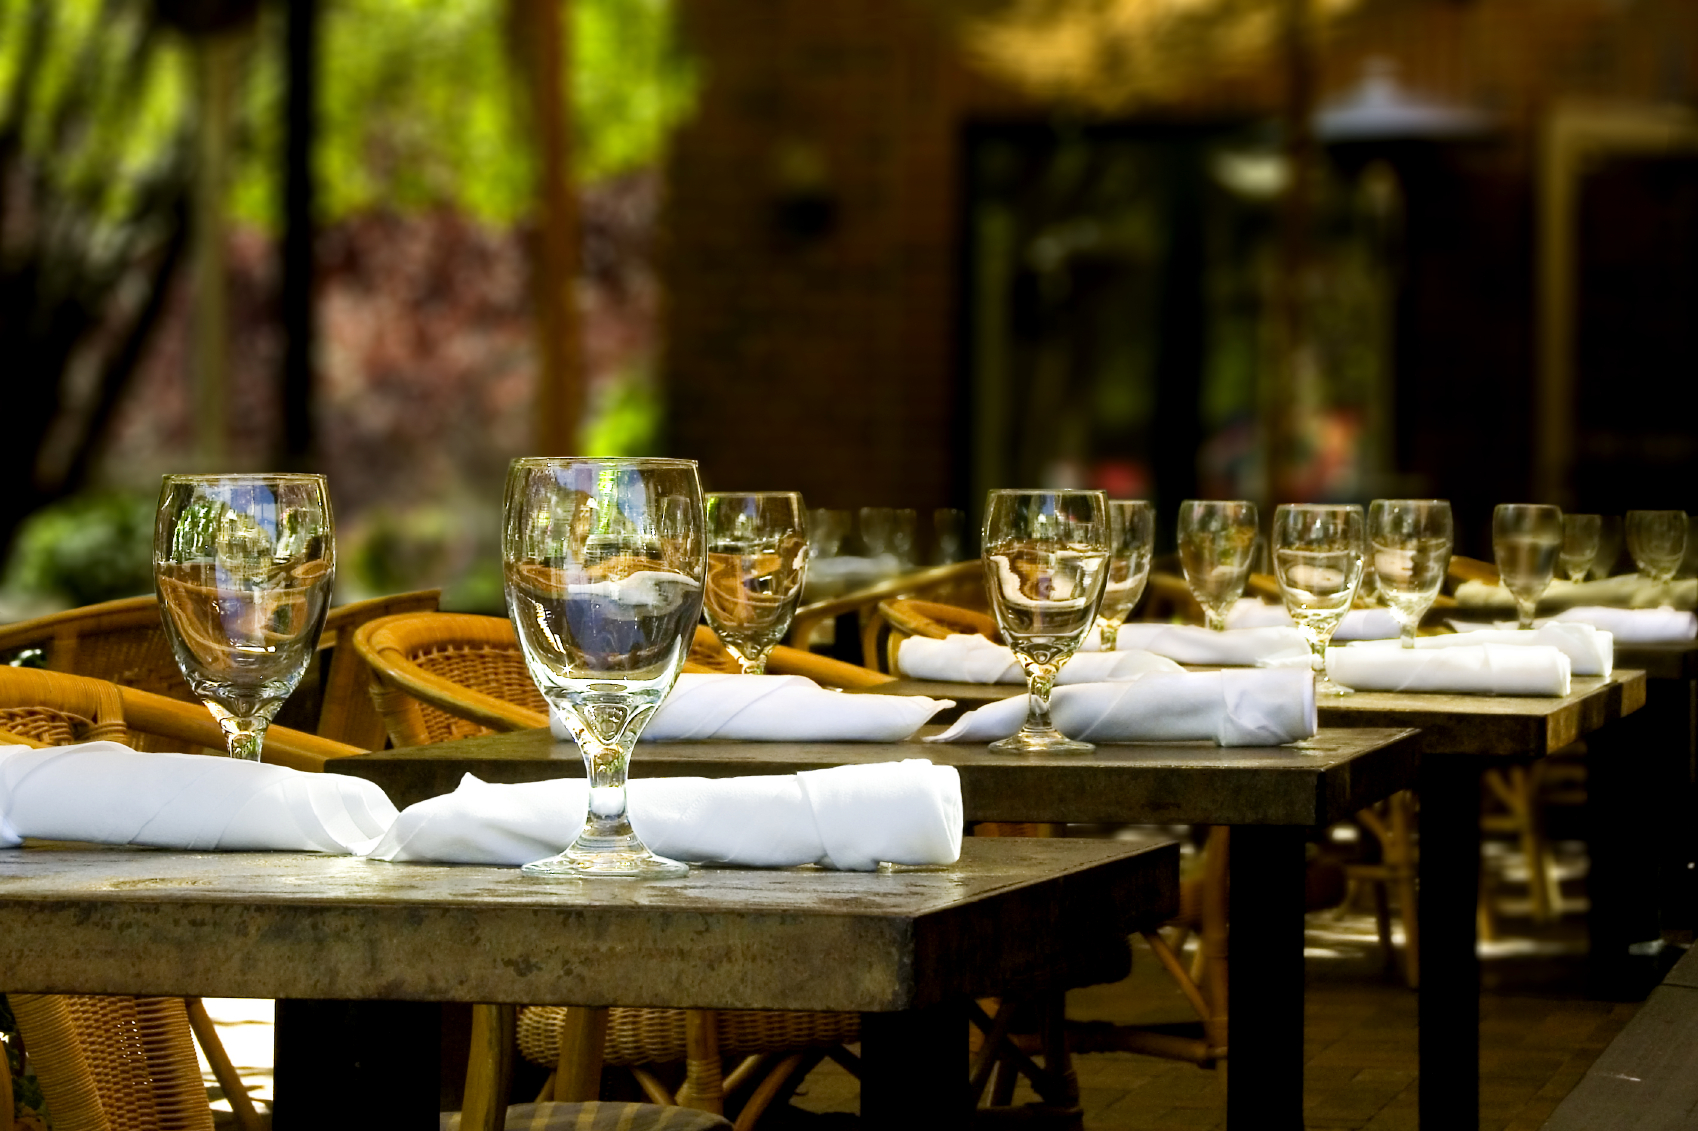 restorani-bari-kafe-0004